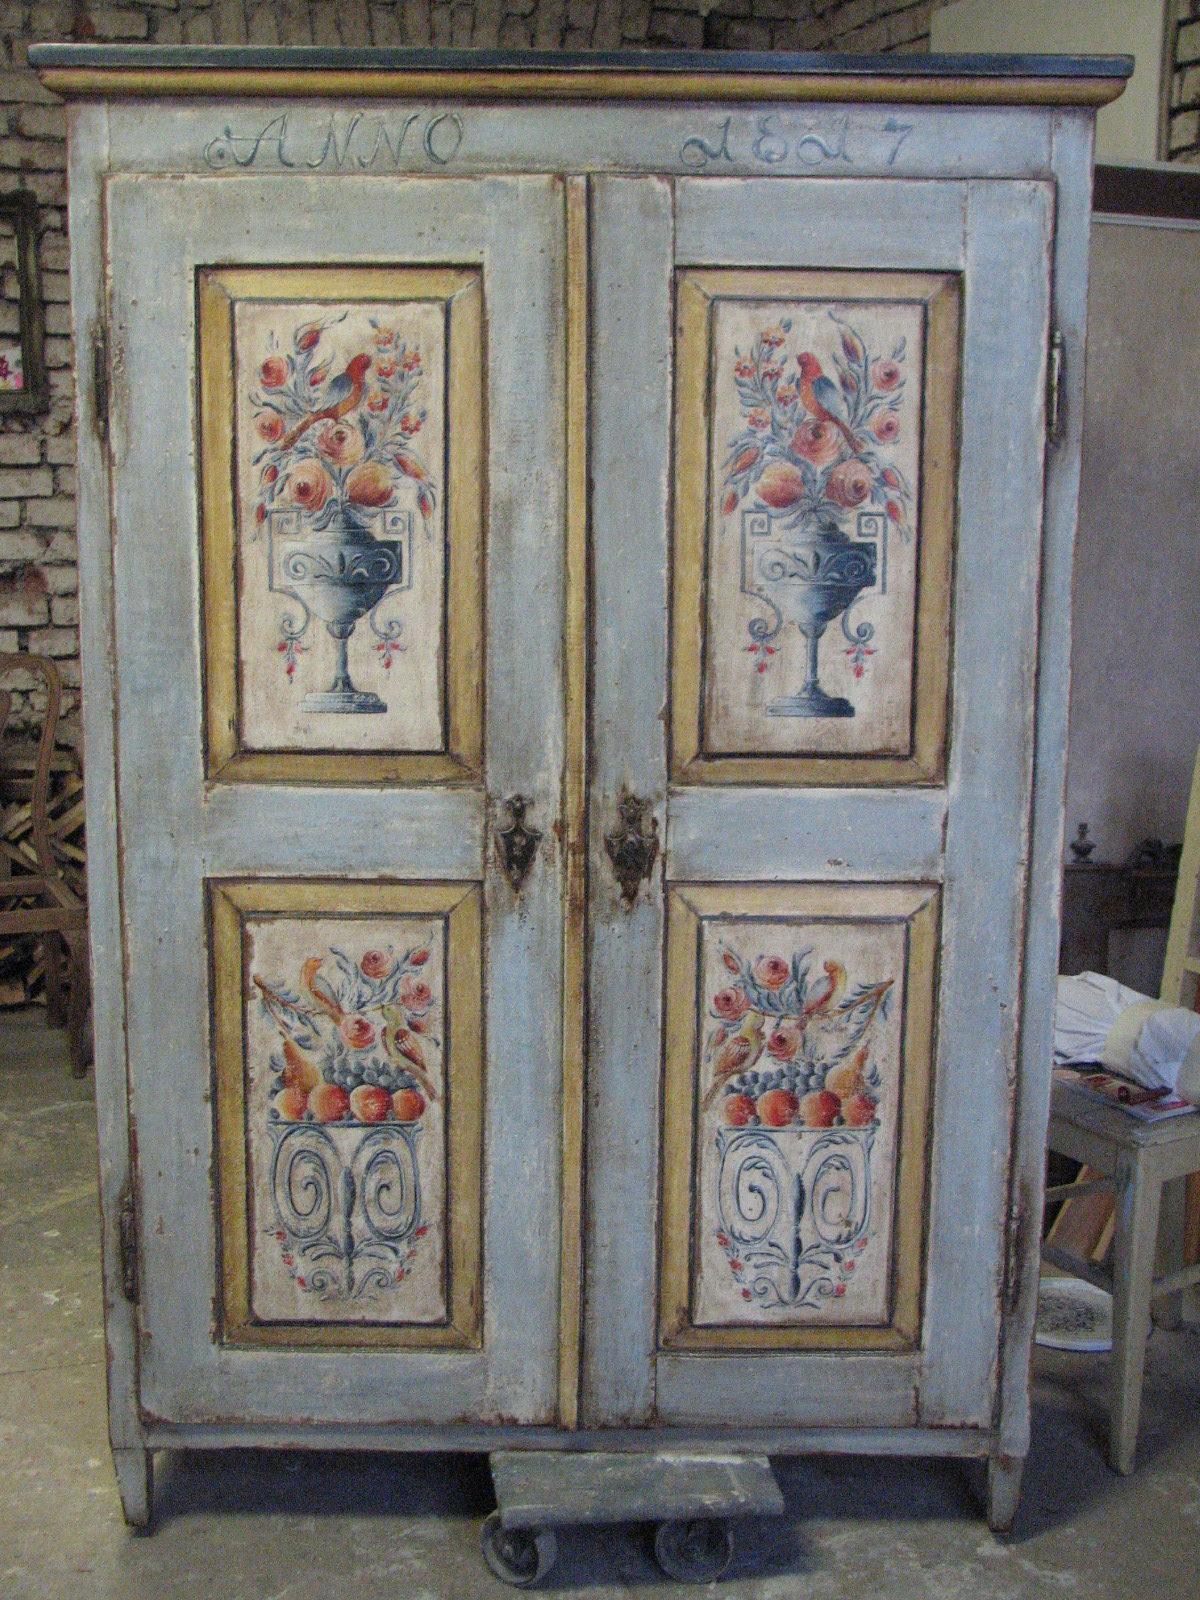 Šedomodrá malovaná selská skříň s motivem květin ve váze